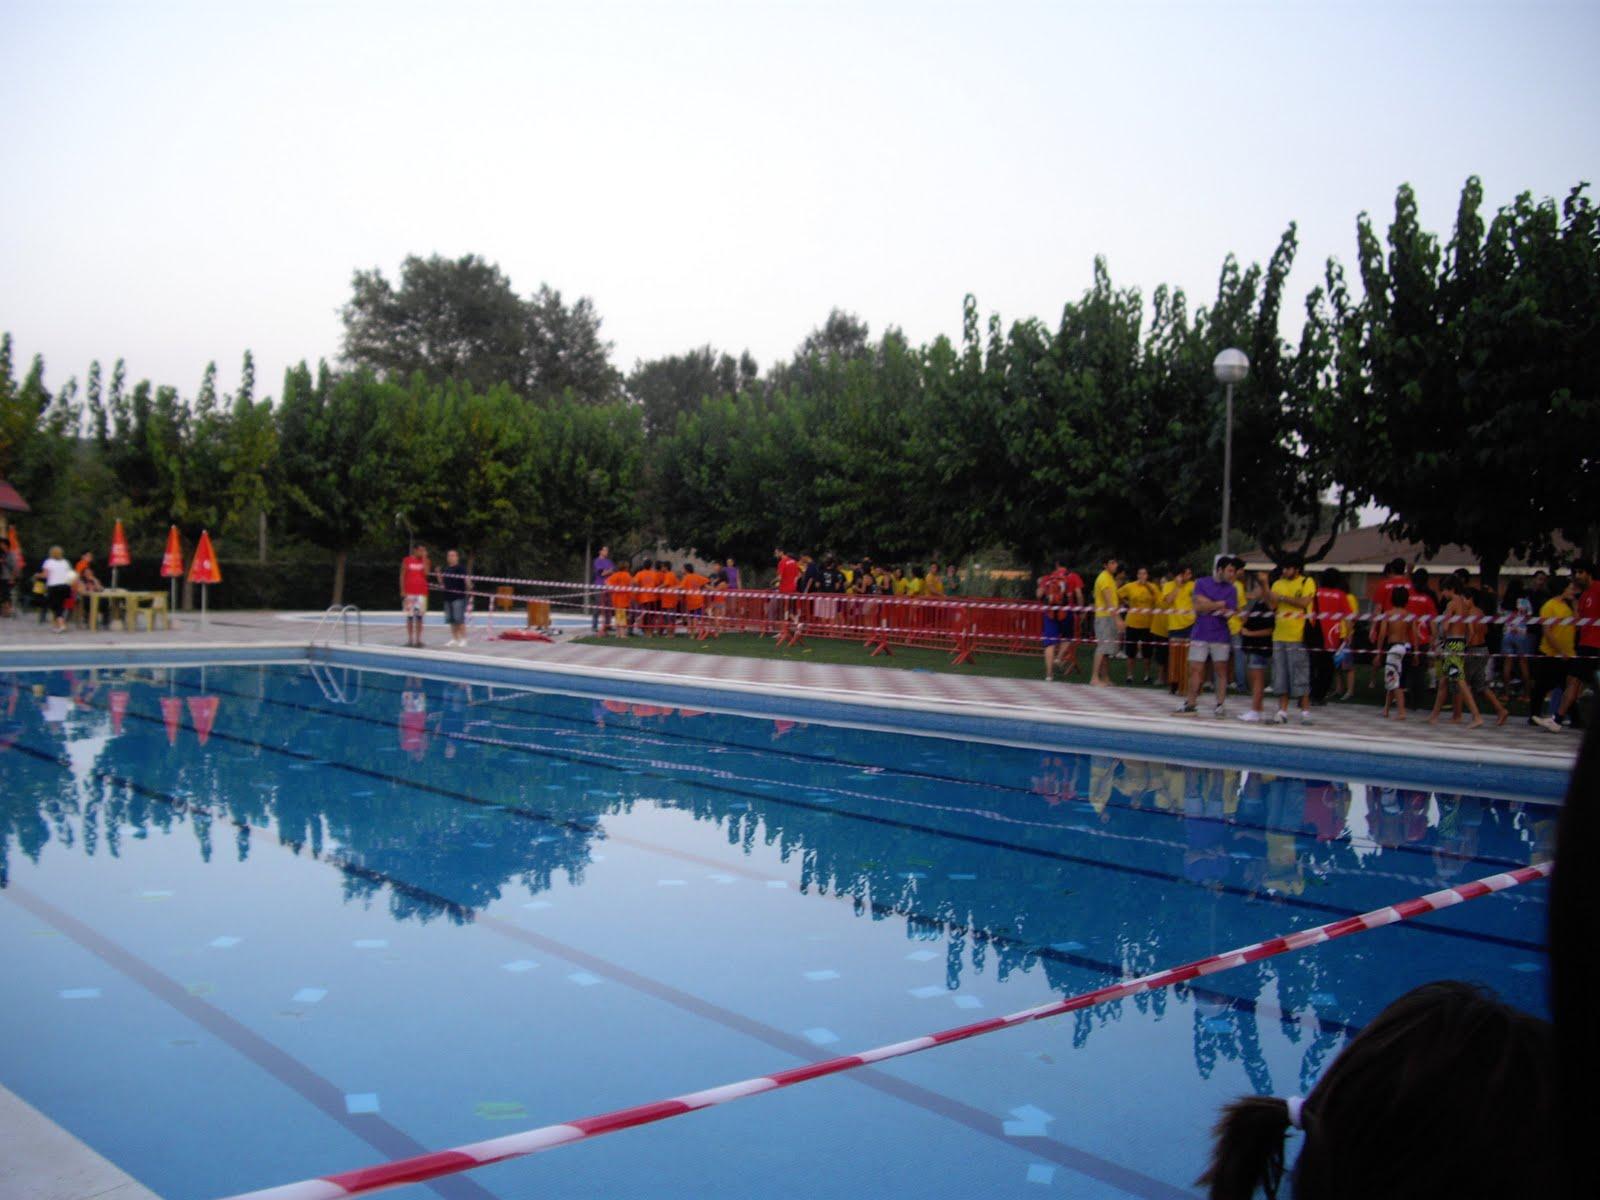 Aquest cap de setmana entrada gratu ta a la piscina for Piscina gratuita